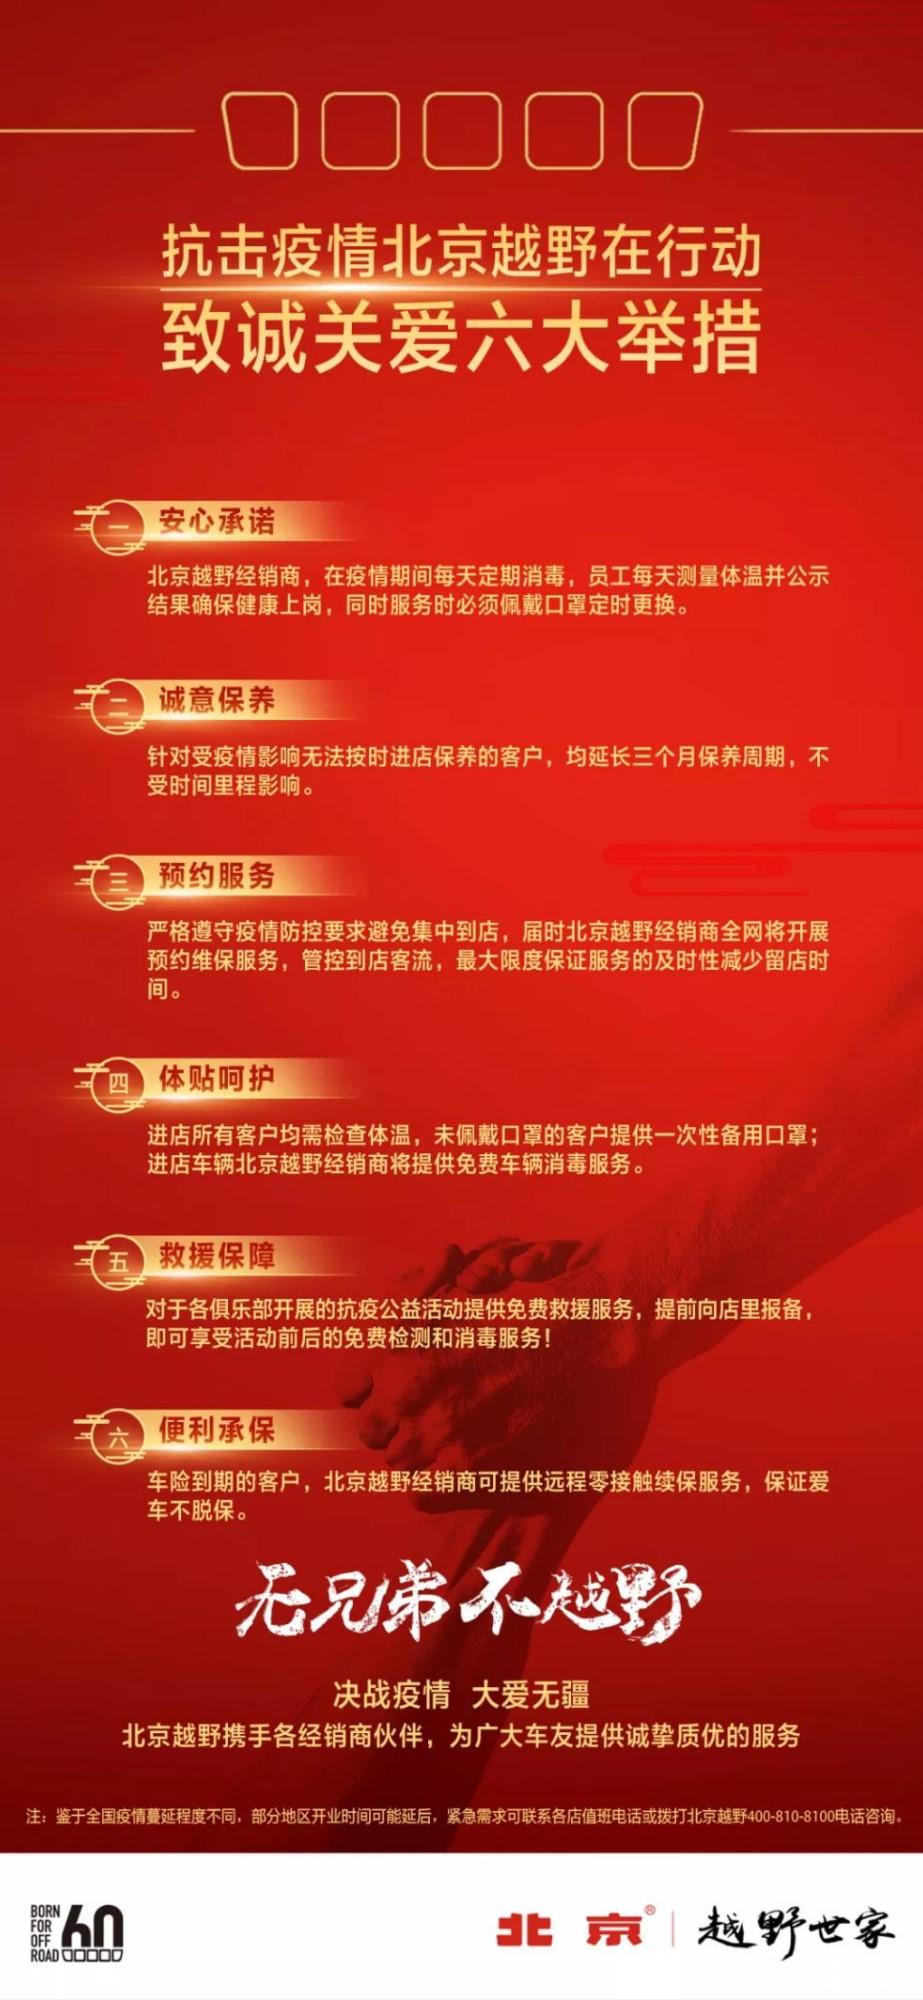 北京越野携经销商推六大举措为车主保驾护航